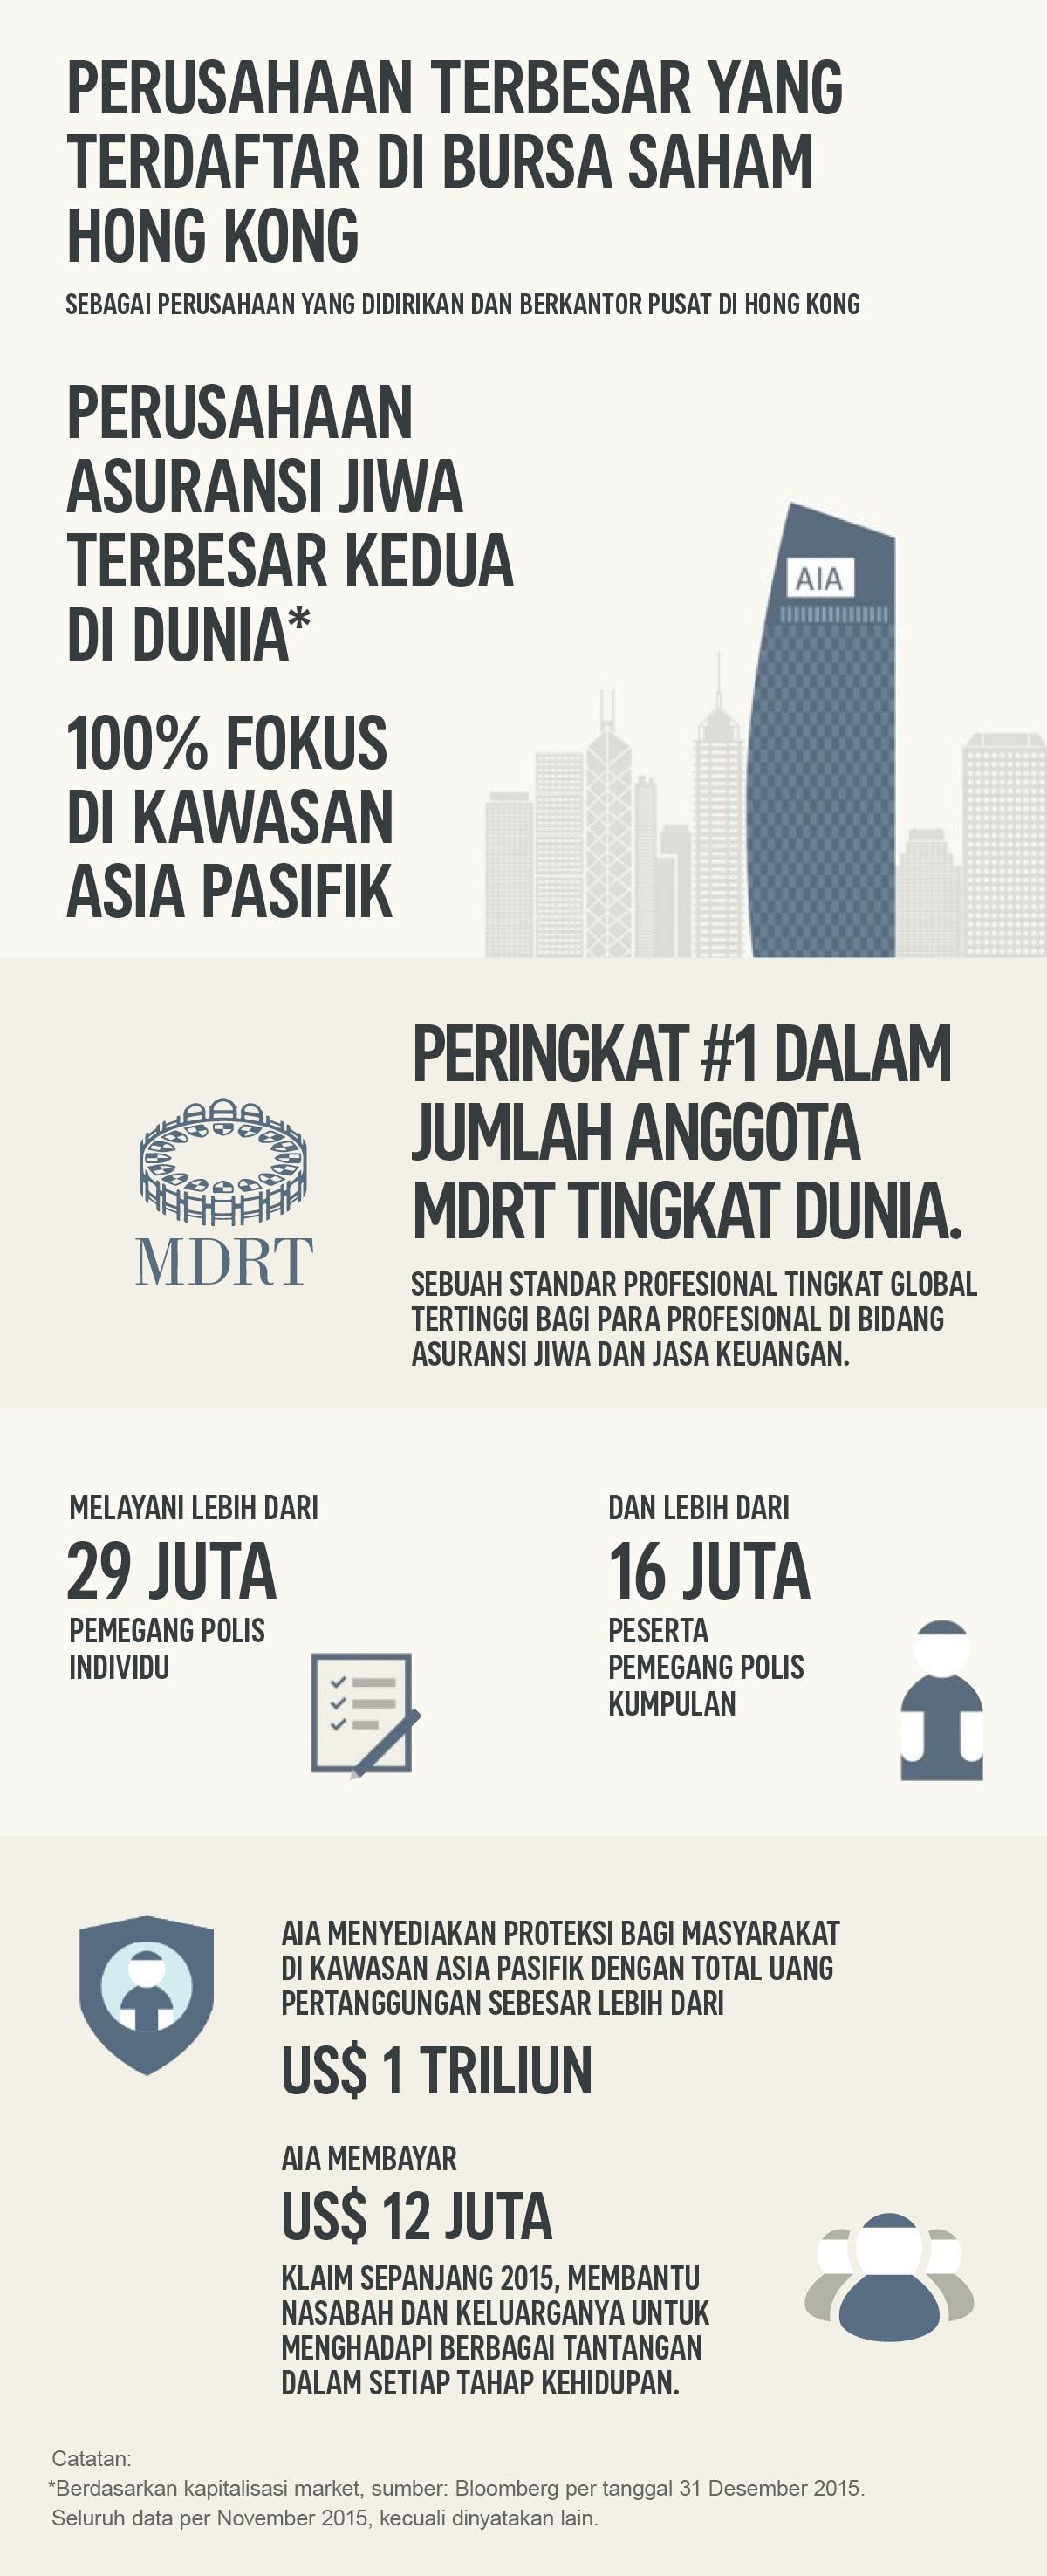 AIA Financial Indonesia | Asuransi dan Investasi Terbaik